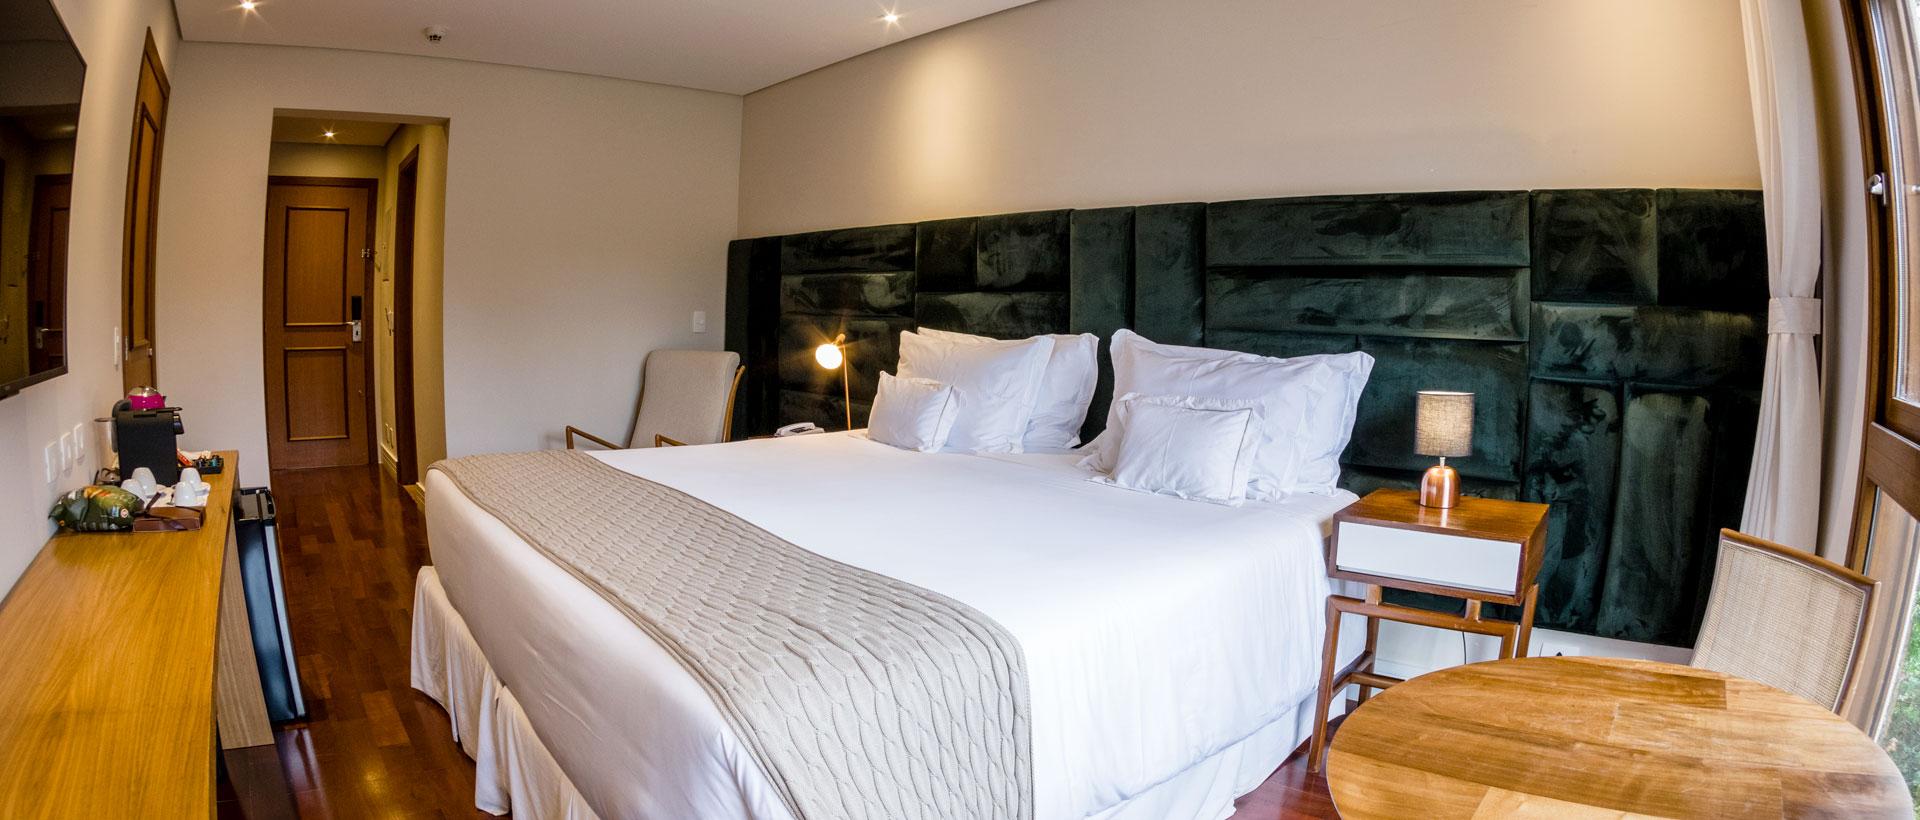 cedro-hotel-boutique-quebra-noz-conforto-e-natureza4